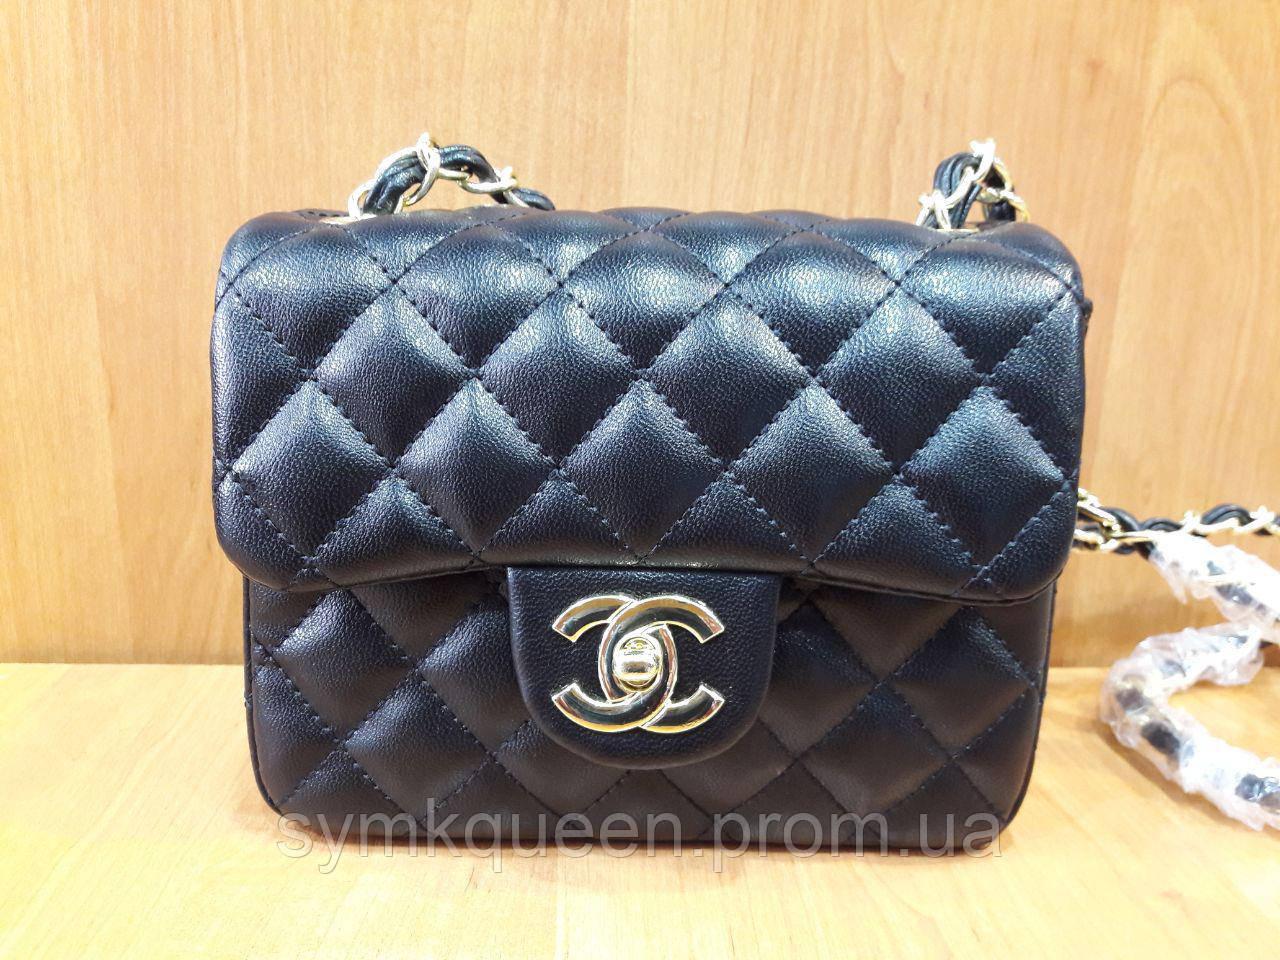 Клатч Chanel (Шанель). Реплика. , цена 950 грн., купить в Одессе ... b2b92e2ec1c